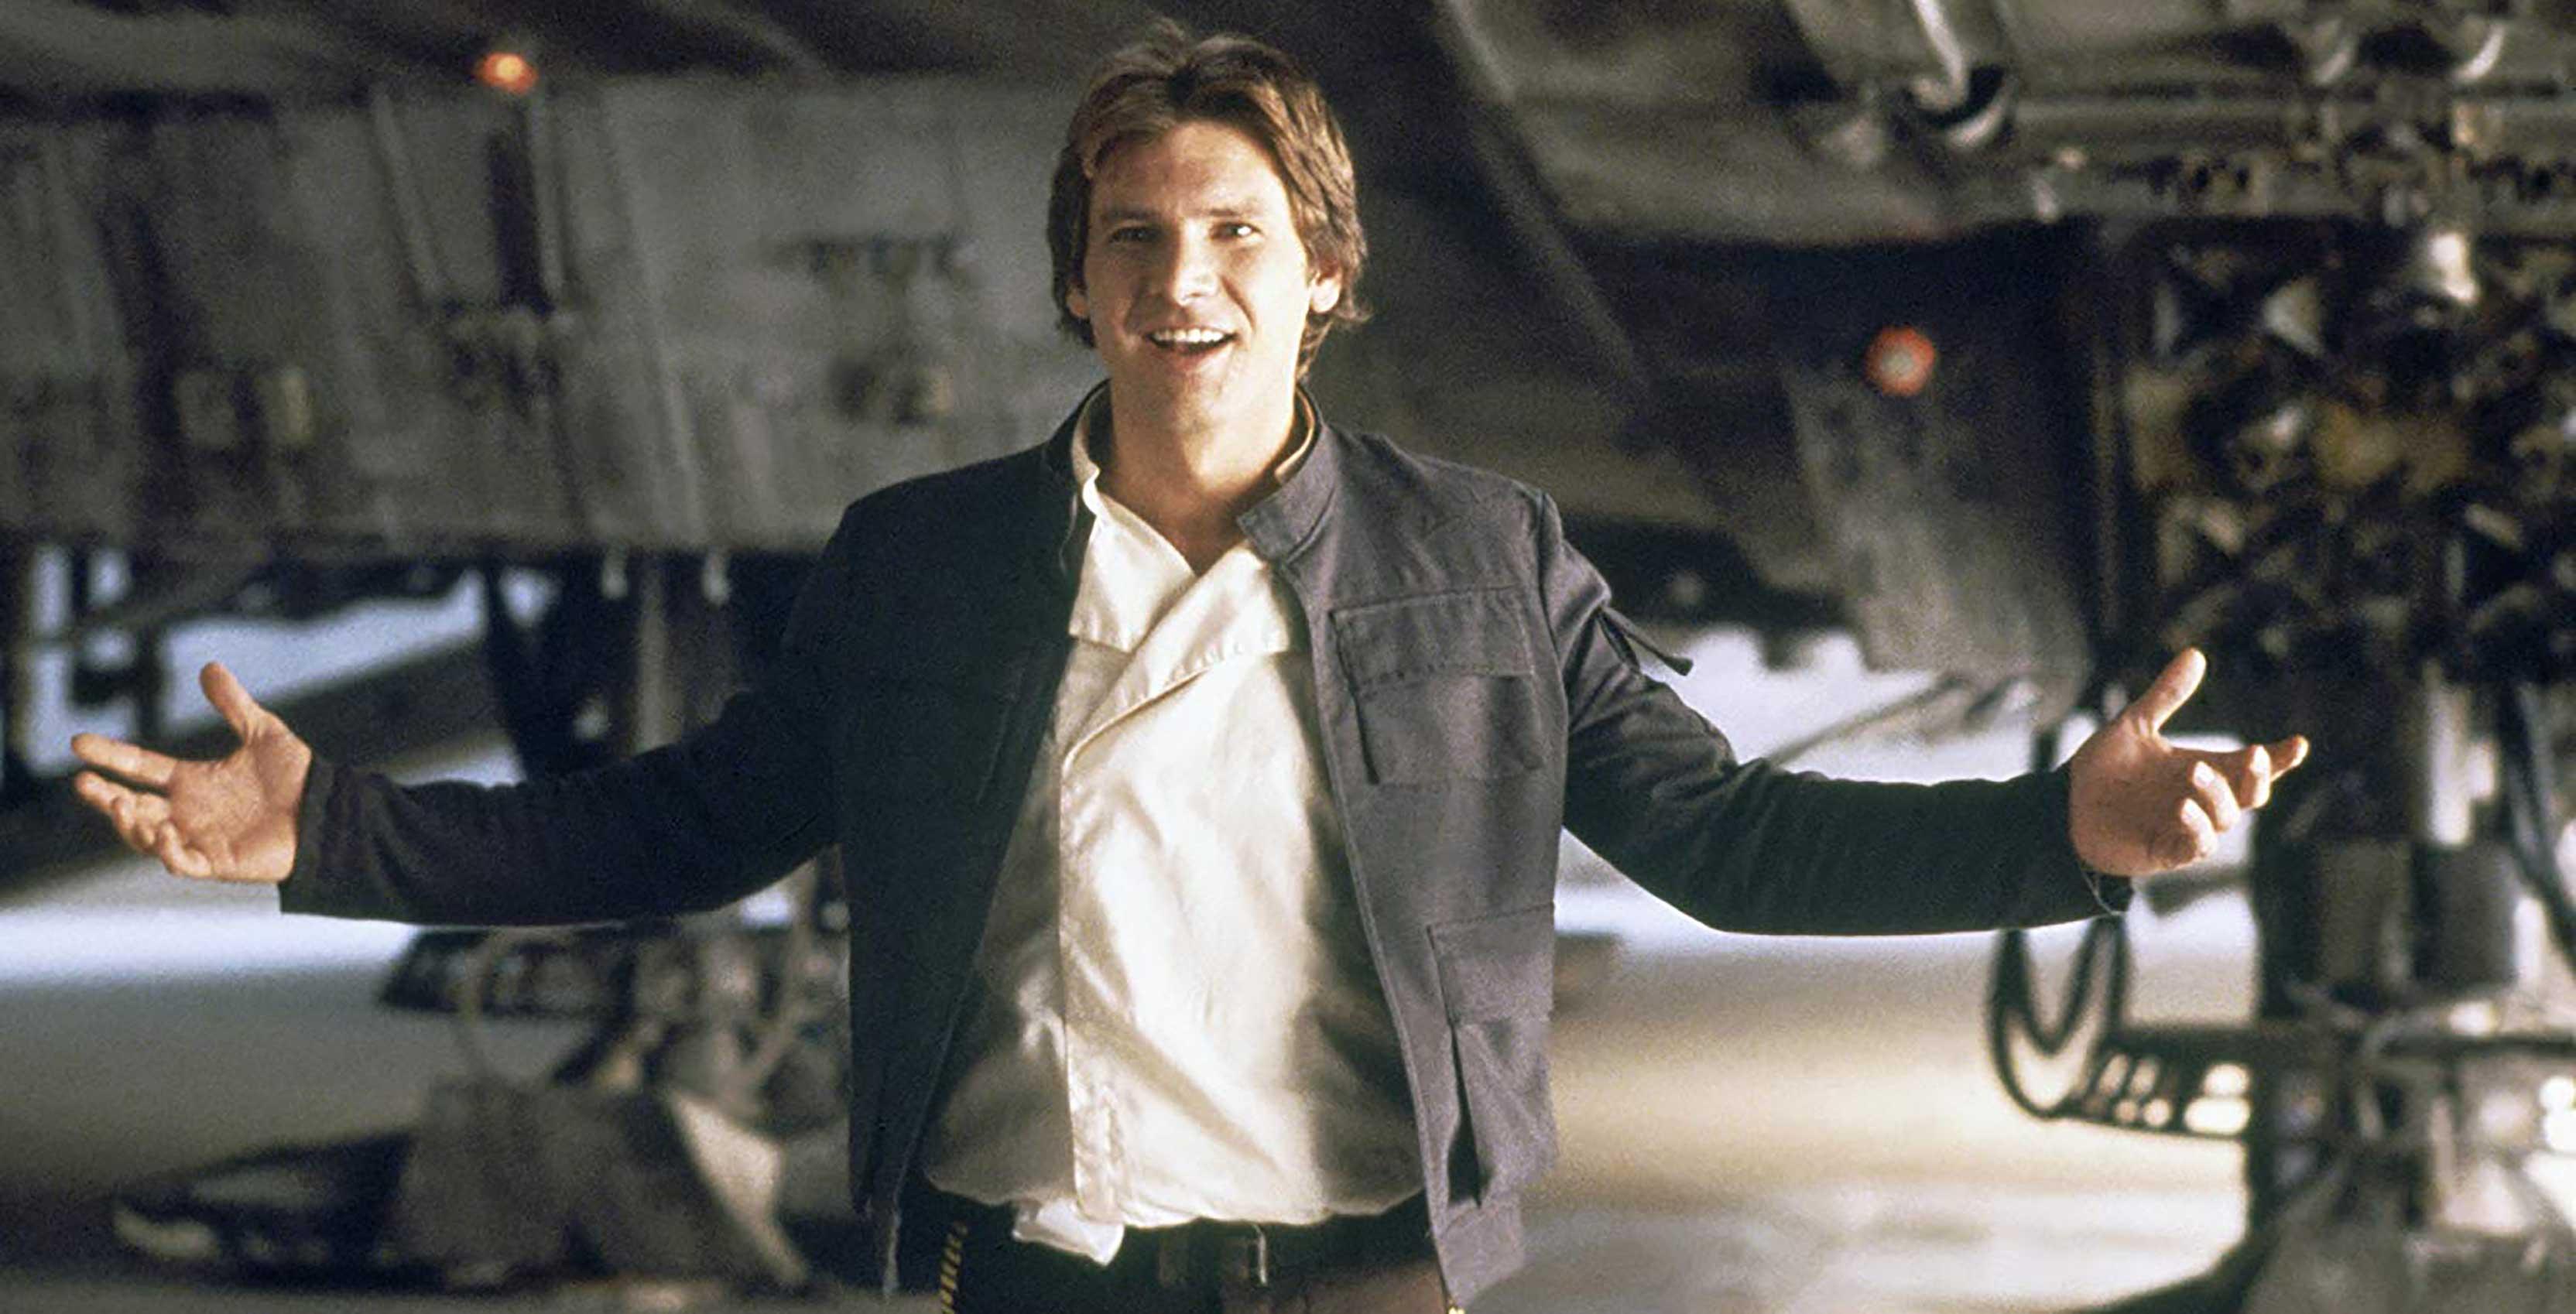 The Empire Strikes Back Han Solo